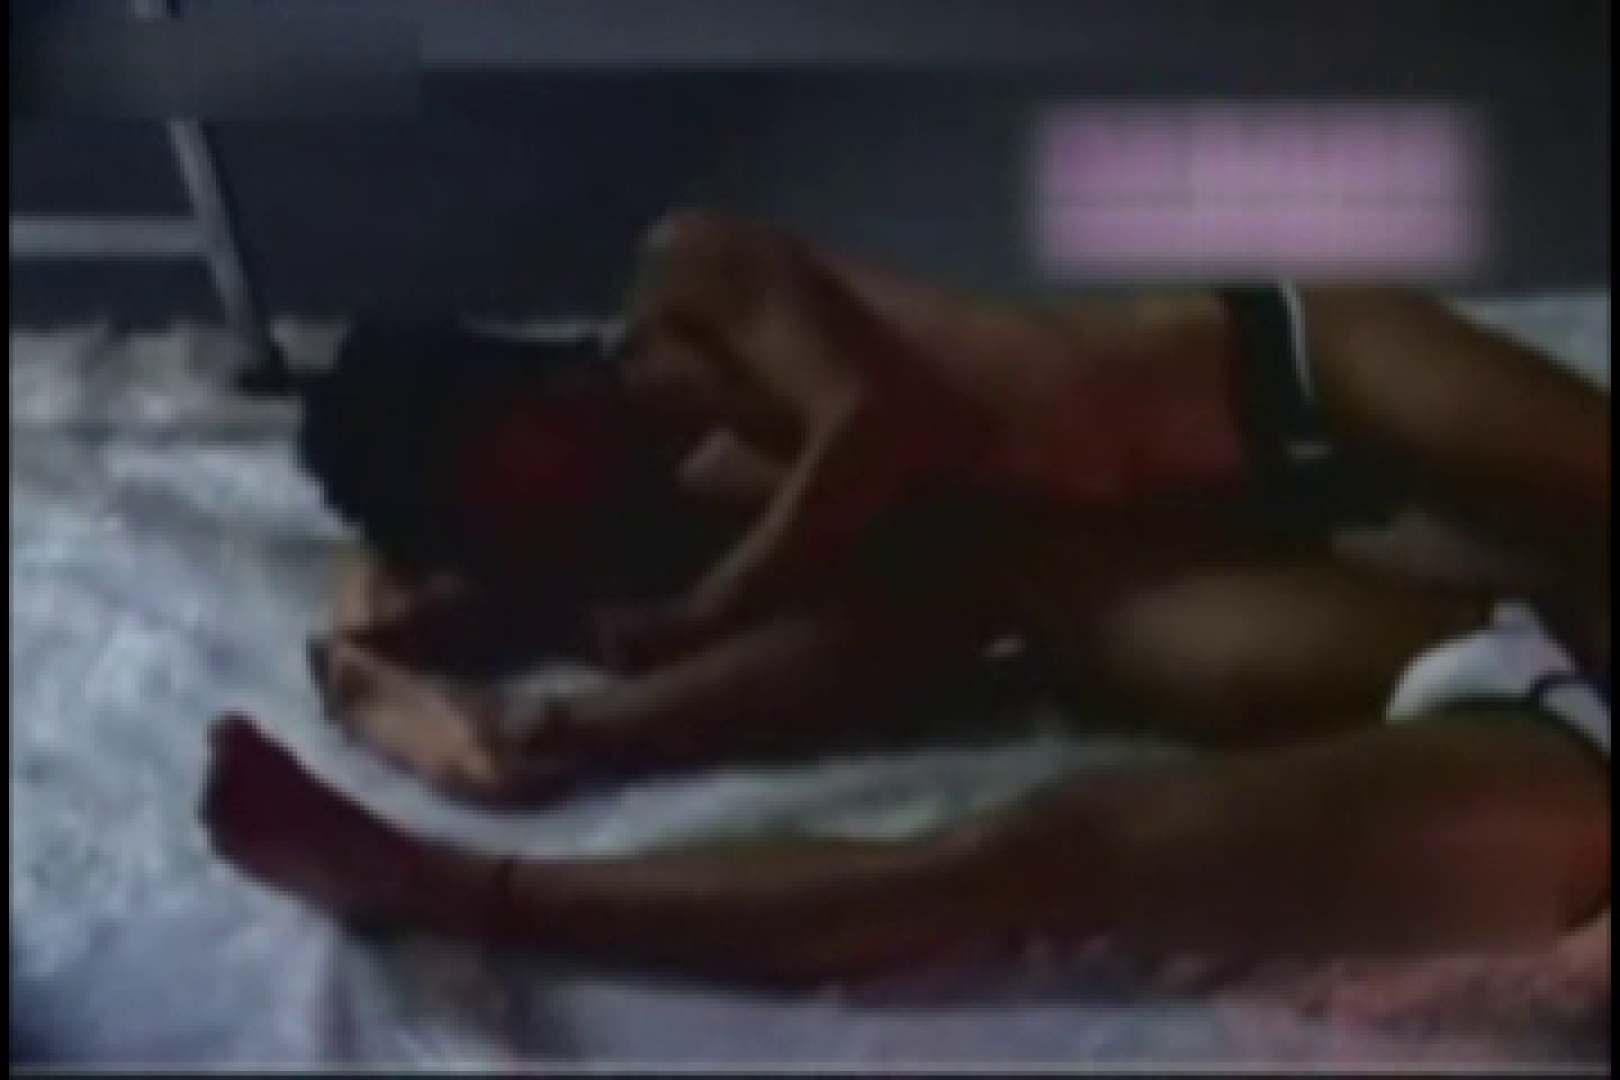 中出有名ゲイ雑誌★魅力●生★付録DVD収録スーパーモデルヌードvol4 イメージ (sex) | ヌード ゲイエロ画像 82枚 59